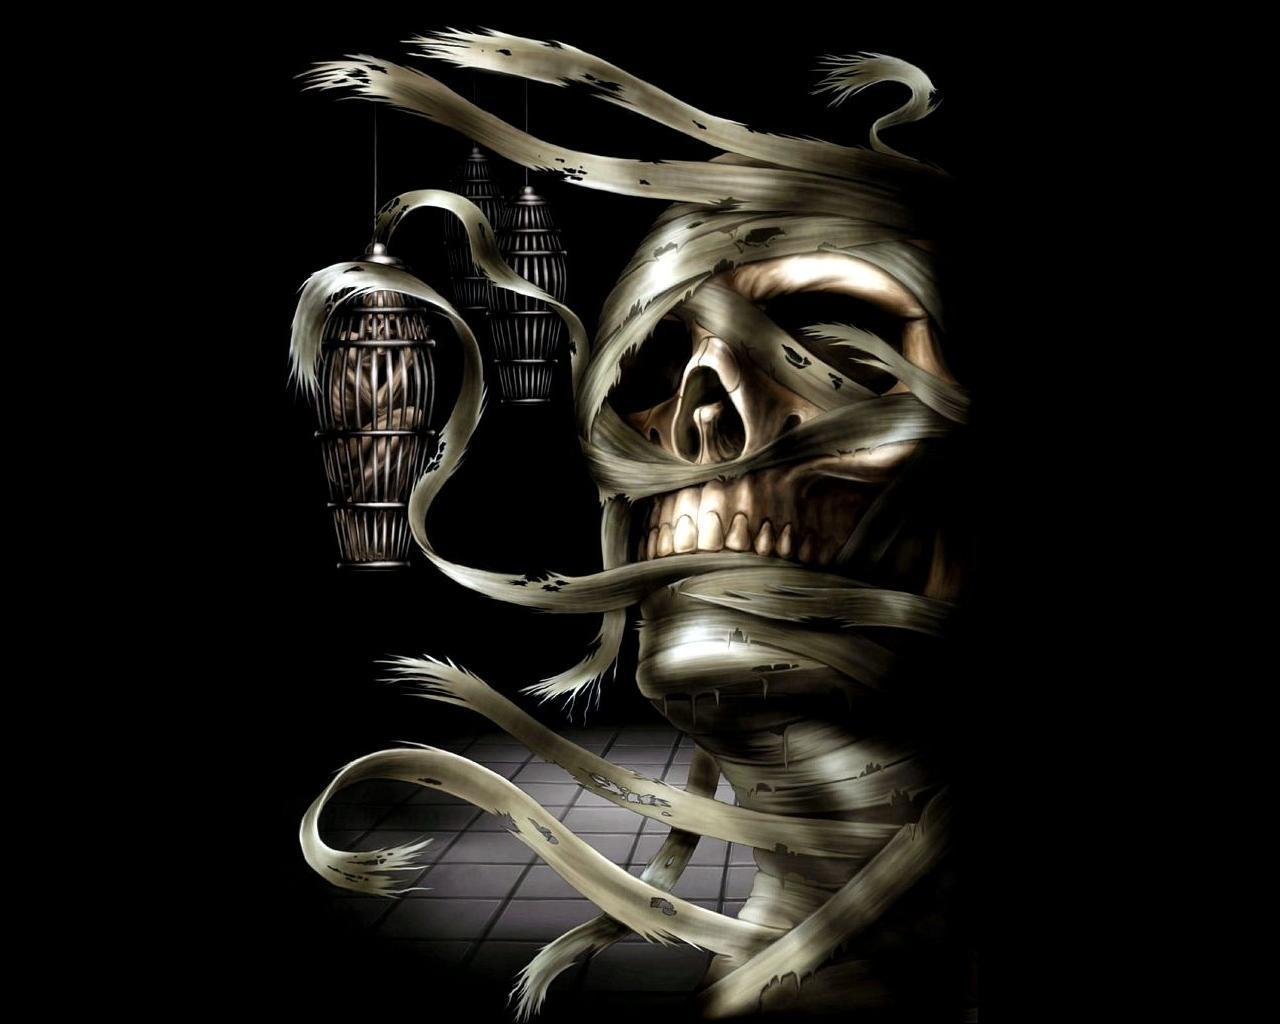 Skull 3d Wallpaper: Evil Skulls Wallpaper